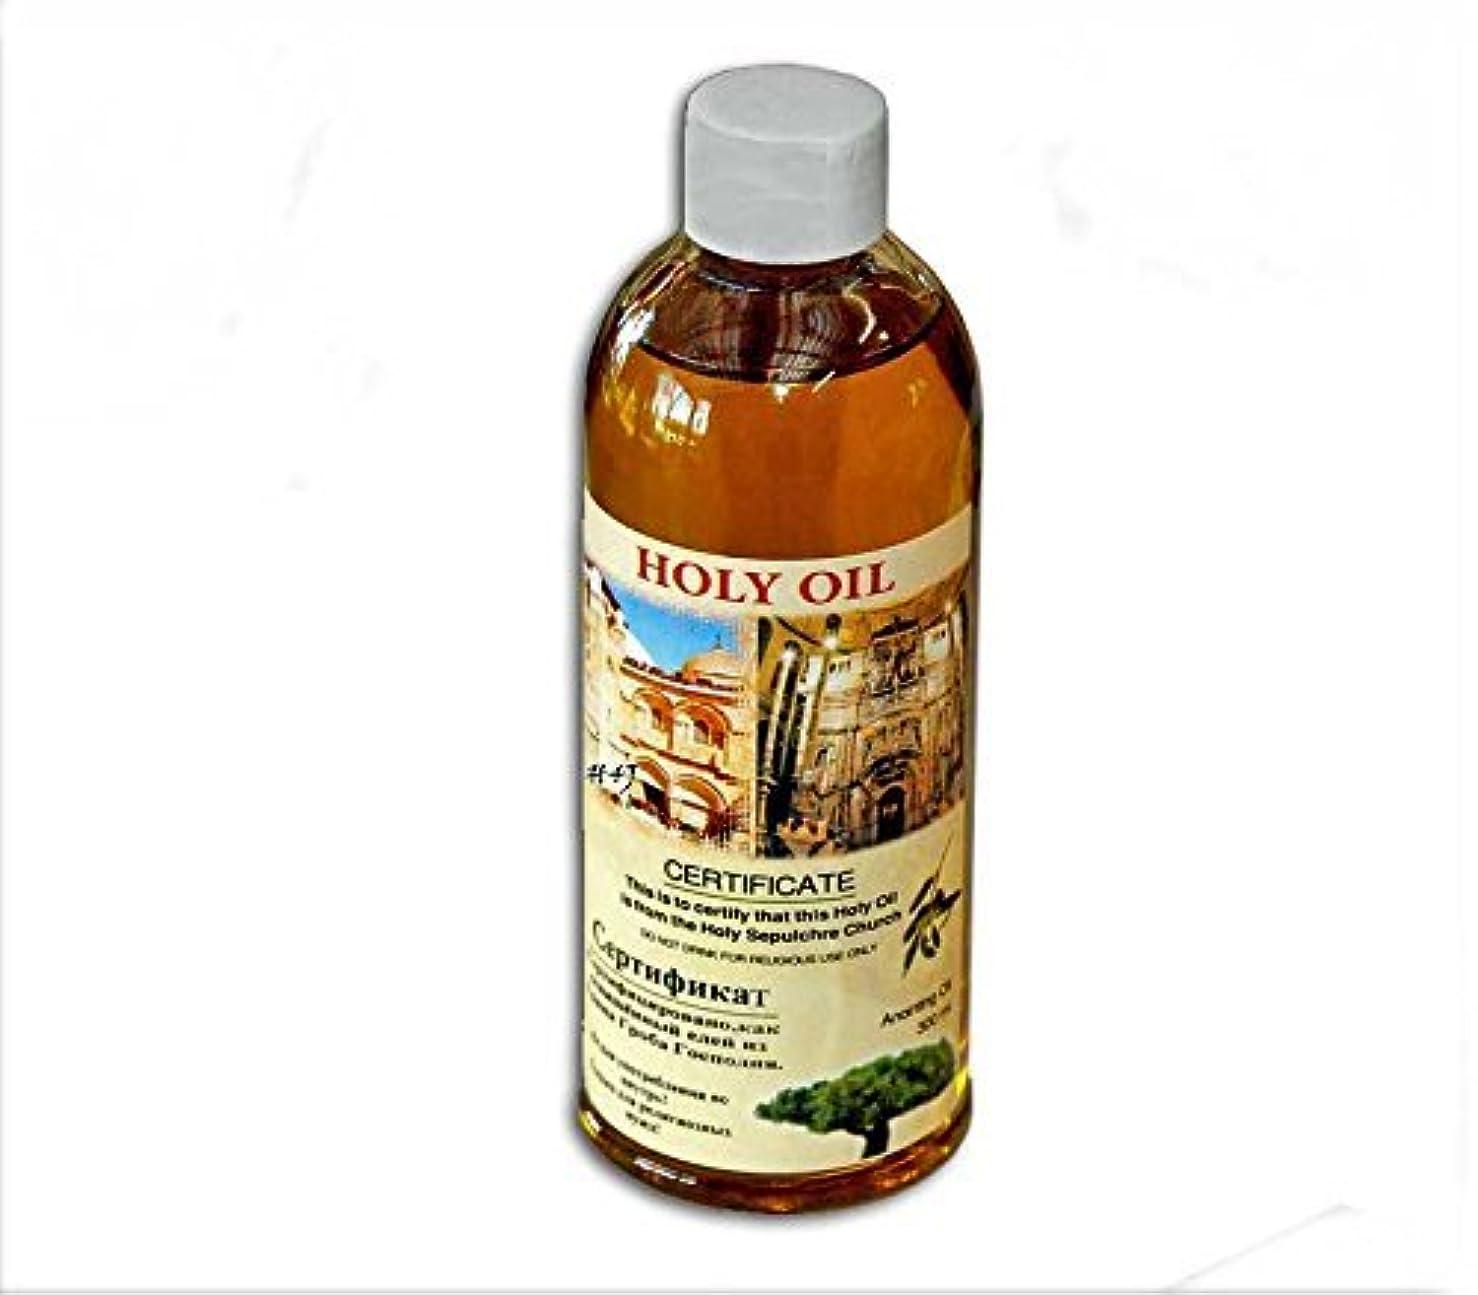 責体現する氏60?ml Holy Land AnointingオイルCertificated Blessed小さなボトルからエルサレムbyベツレヘムギフトTM